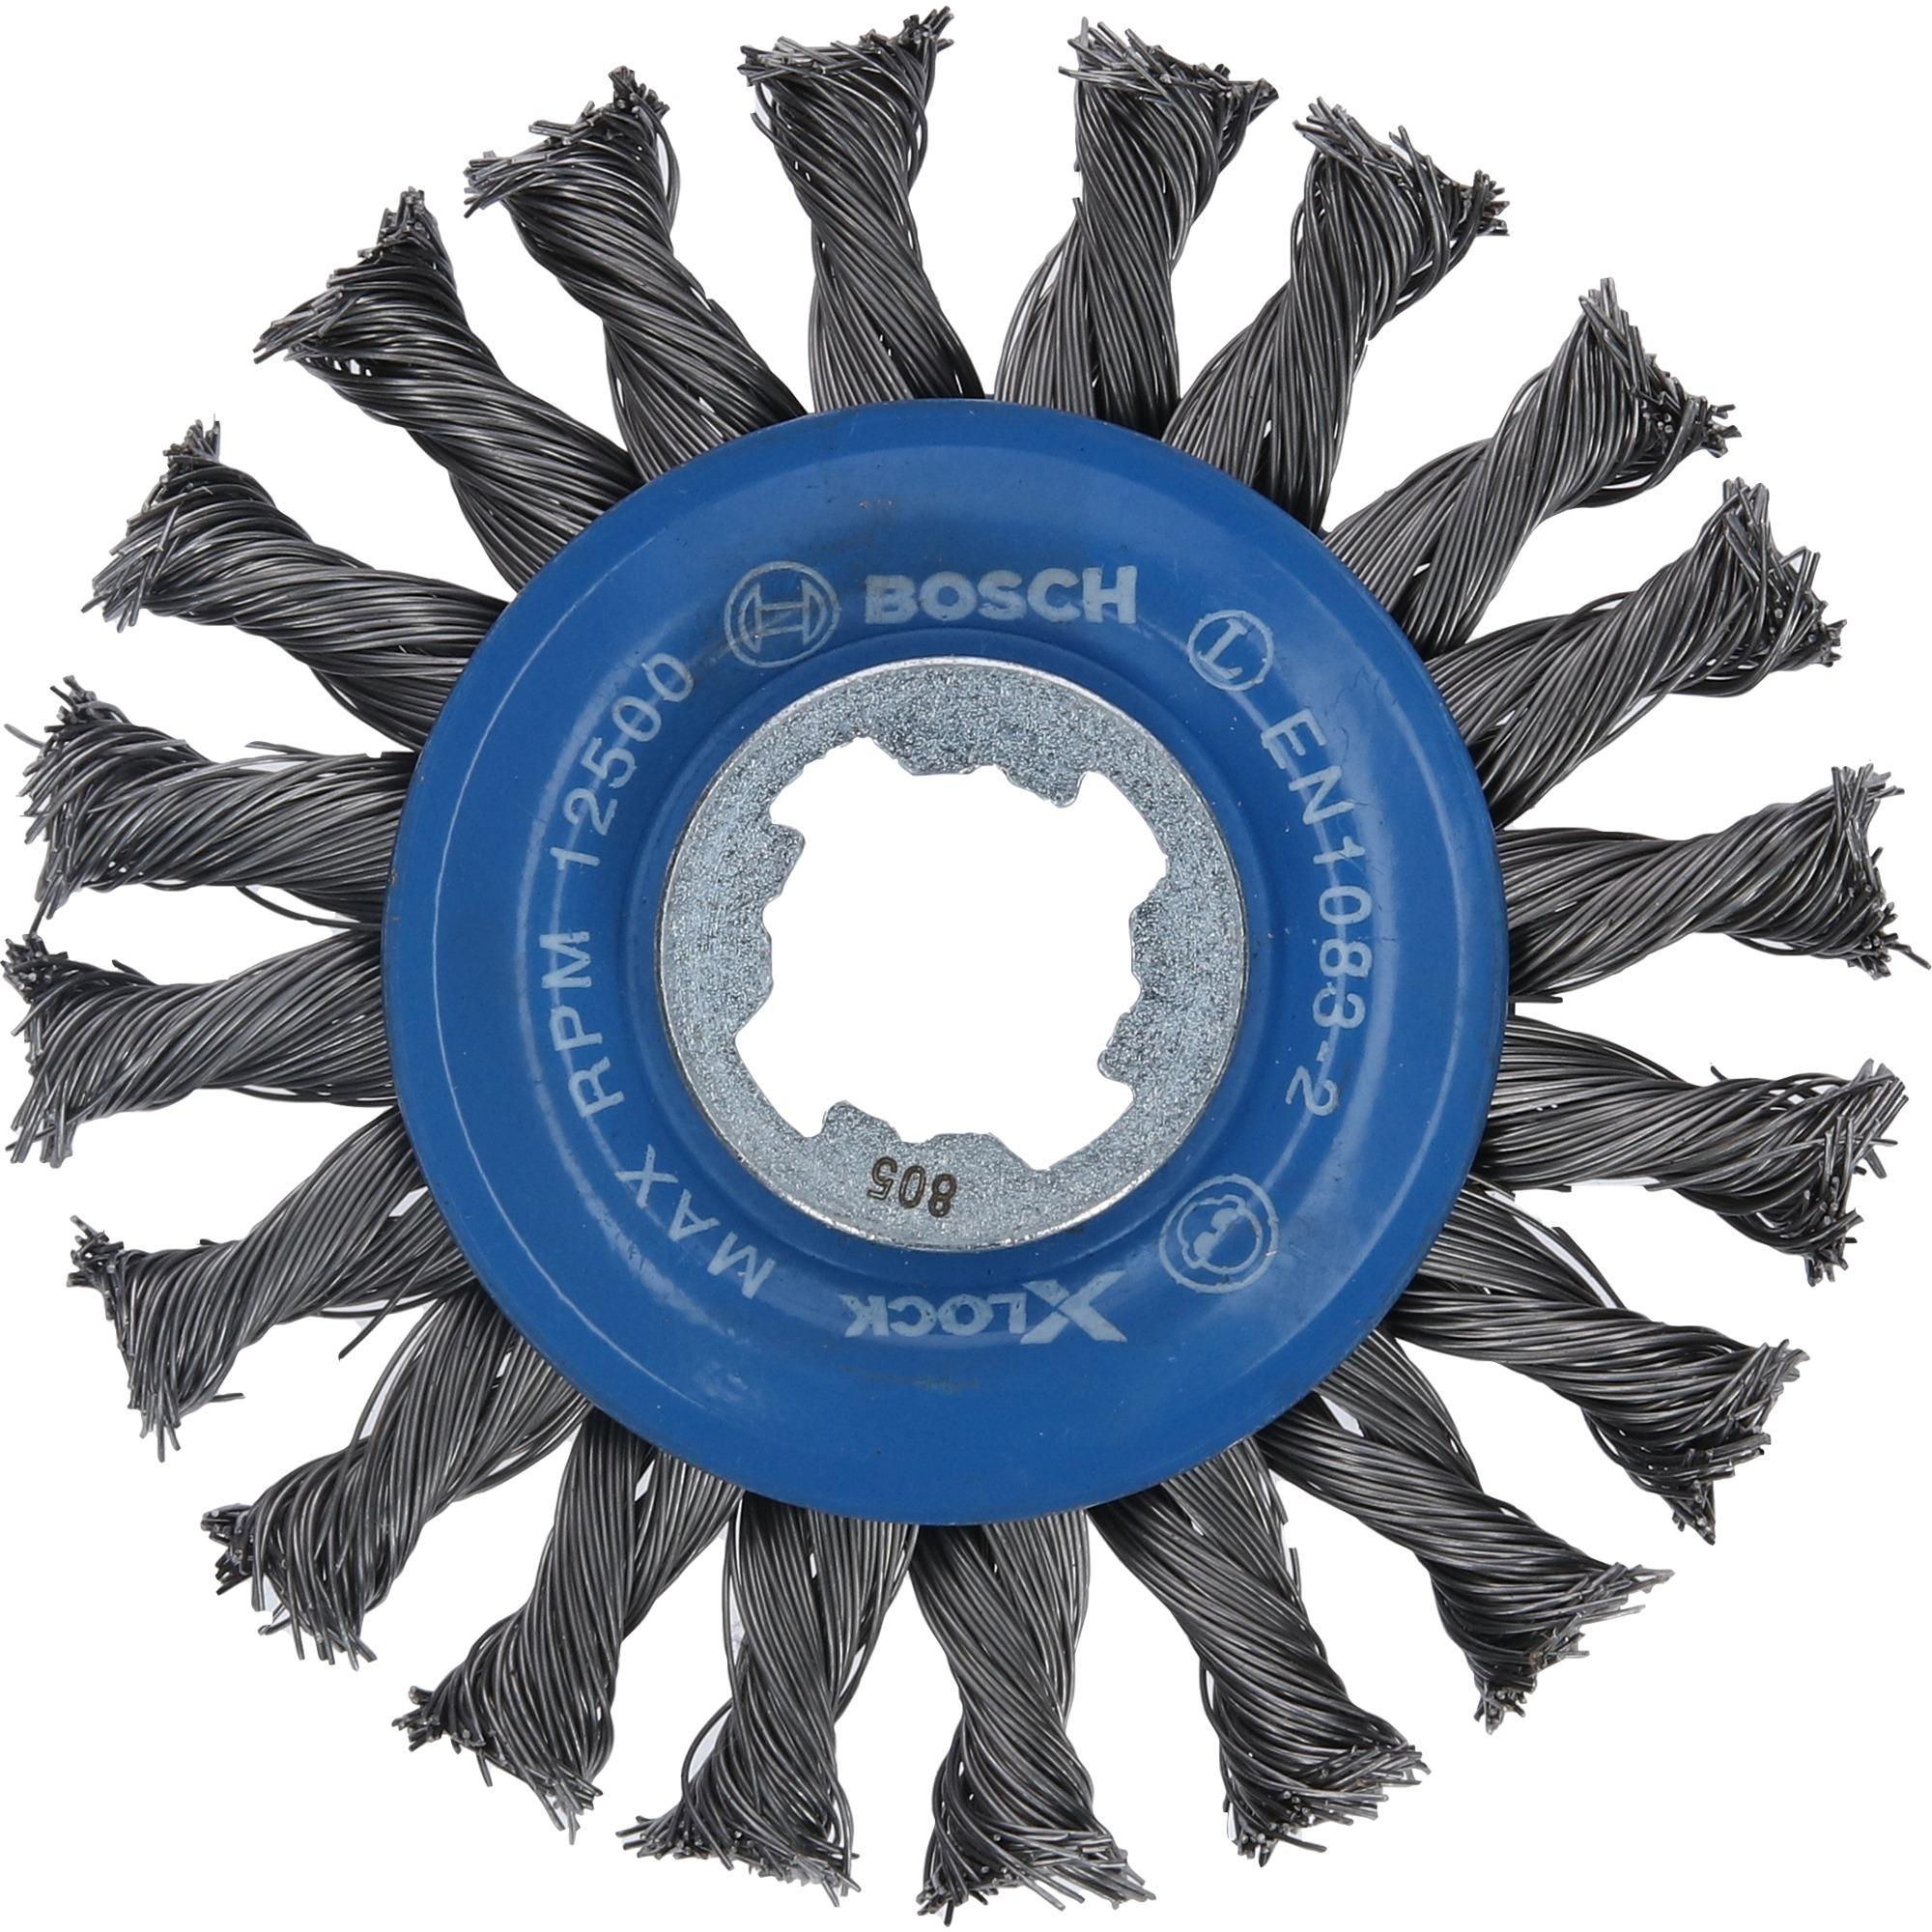 Image of X-LOCK Scheibenbürste Heavy for Metal 115mm, gezopft